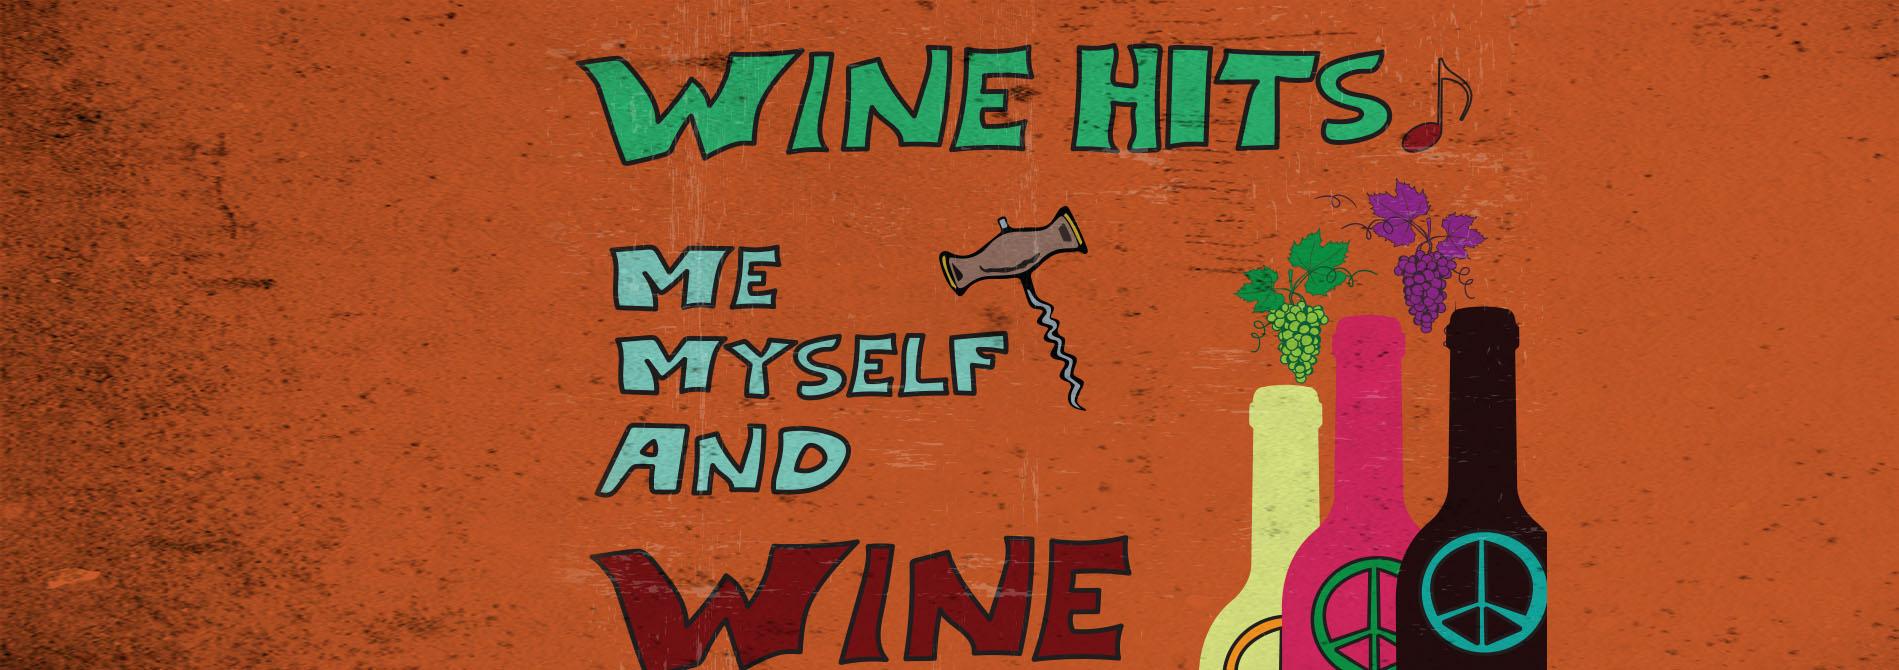 Wine Hits - It's me, myself and wine